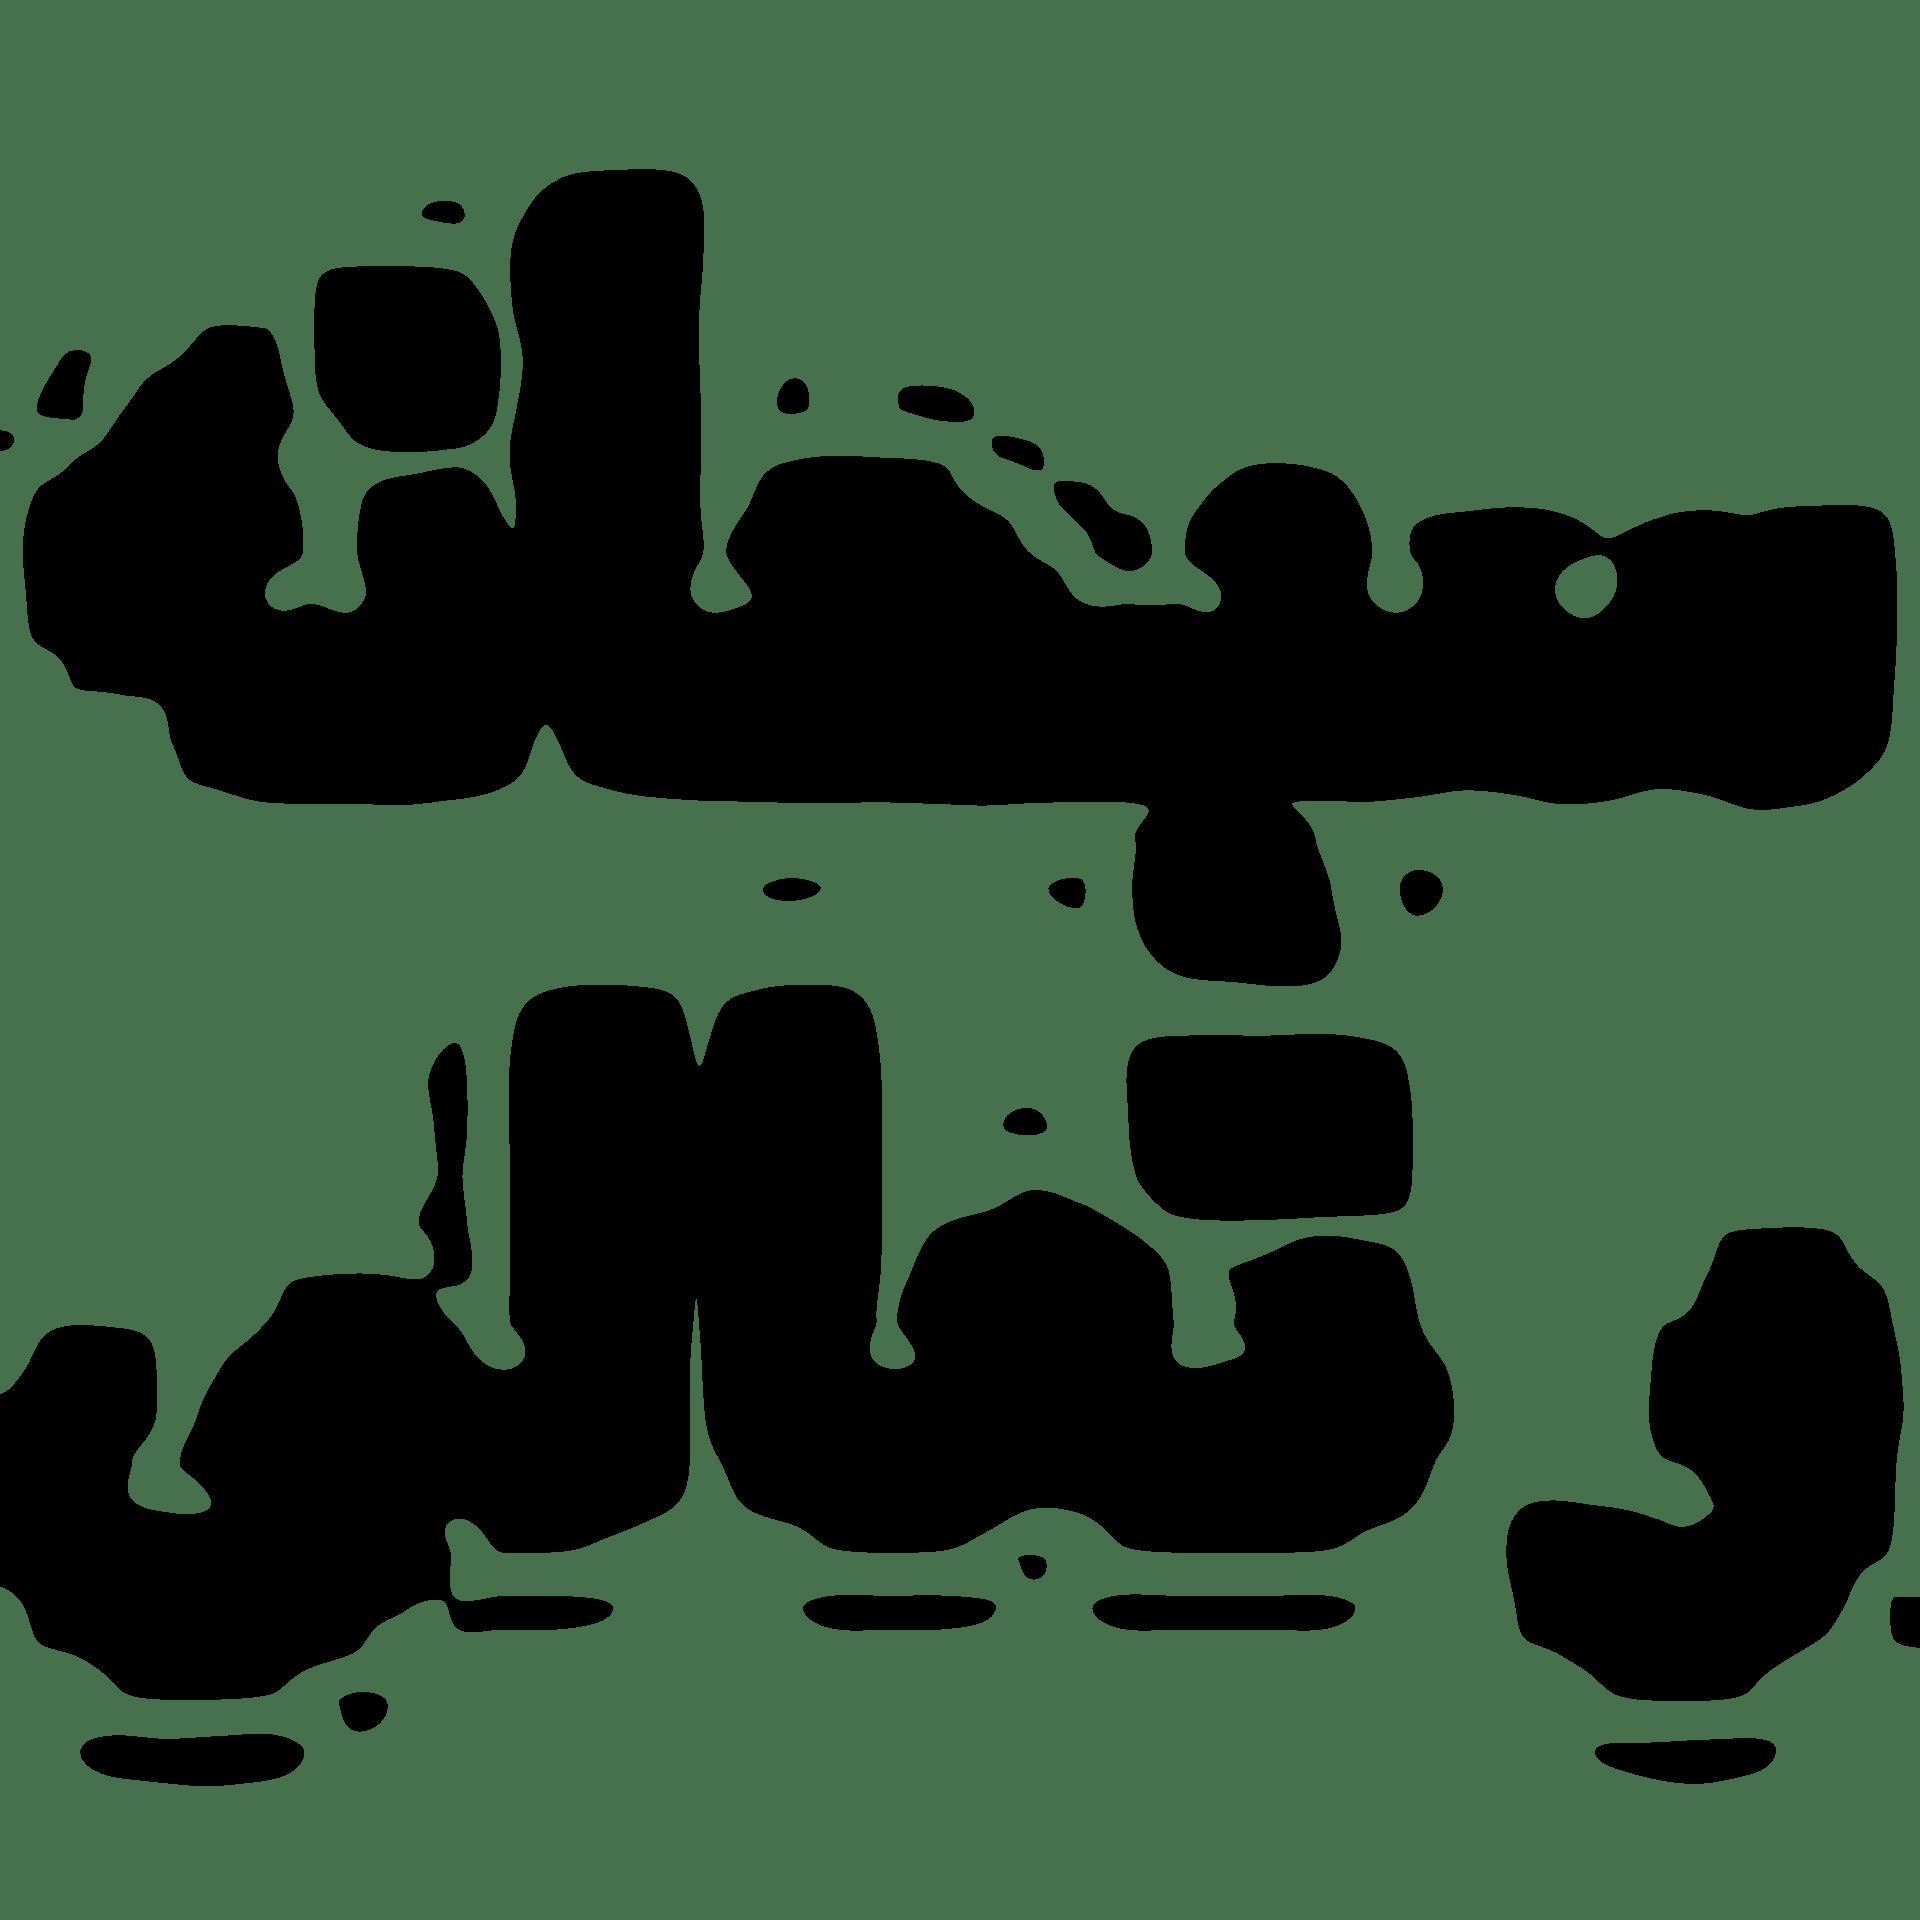 subḥānahu wa ta'āla (glorified and exalted be He)